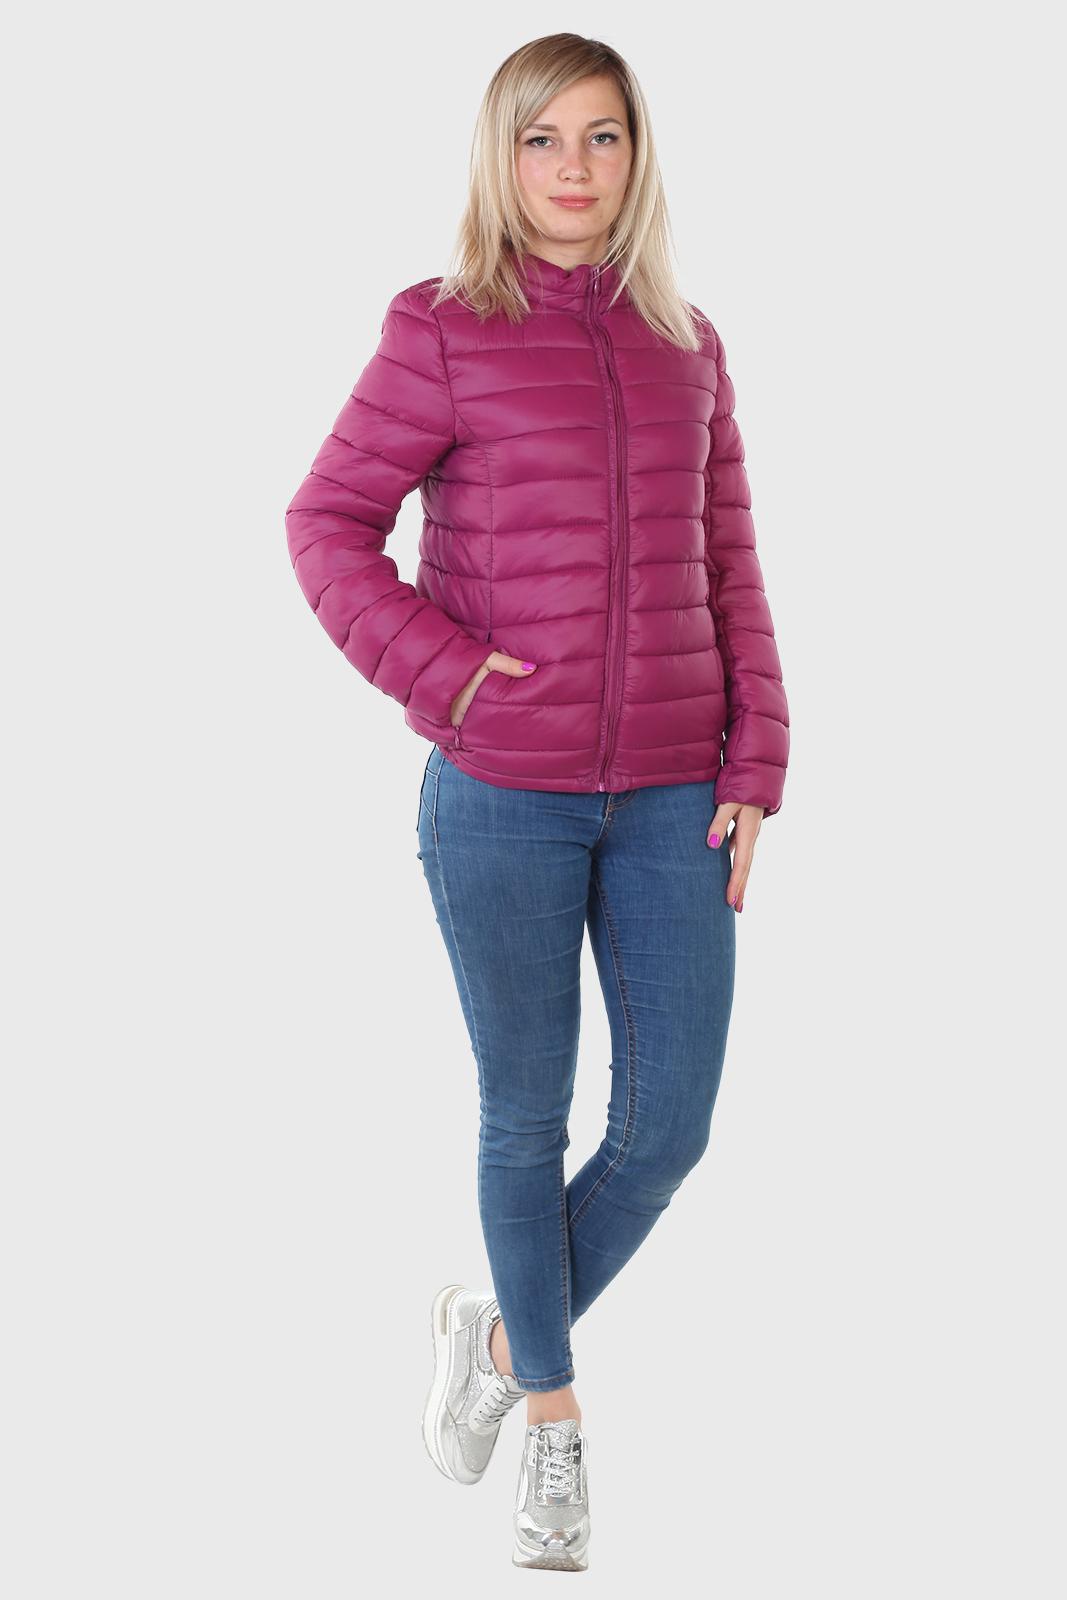 Купить женскую куртку Fox в красивом розовом цвете